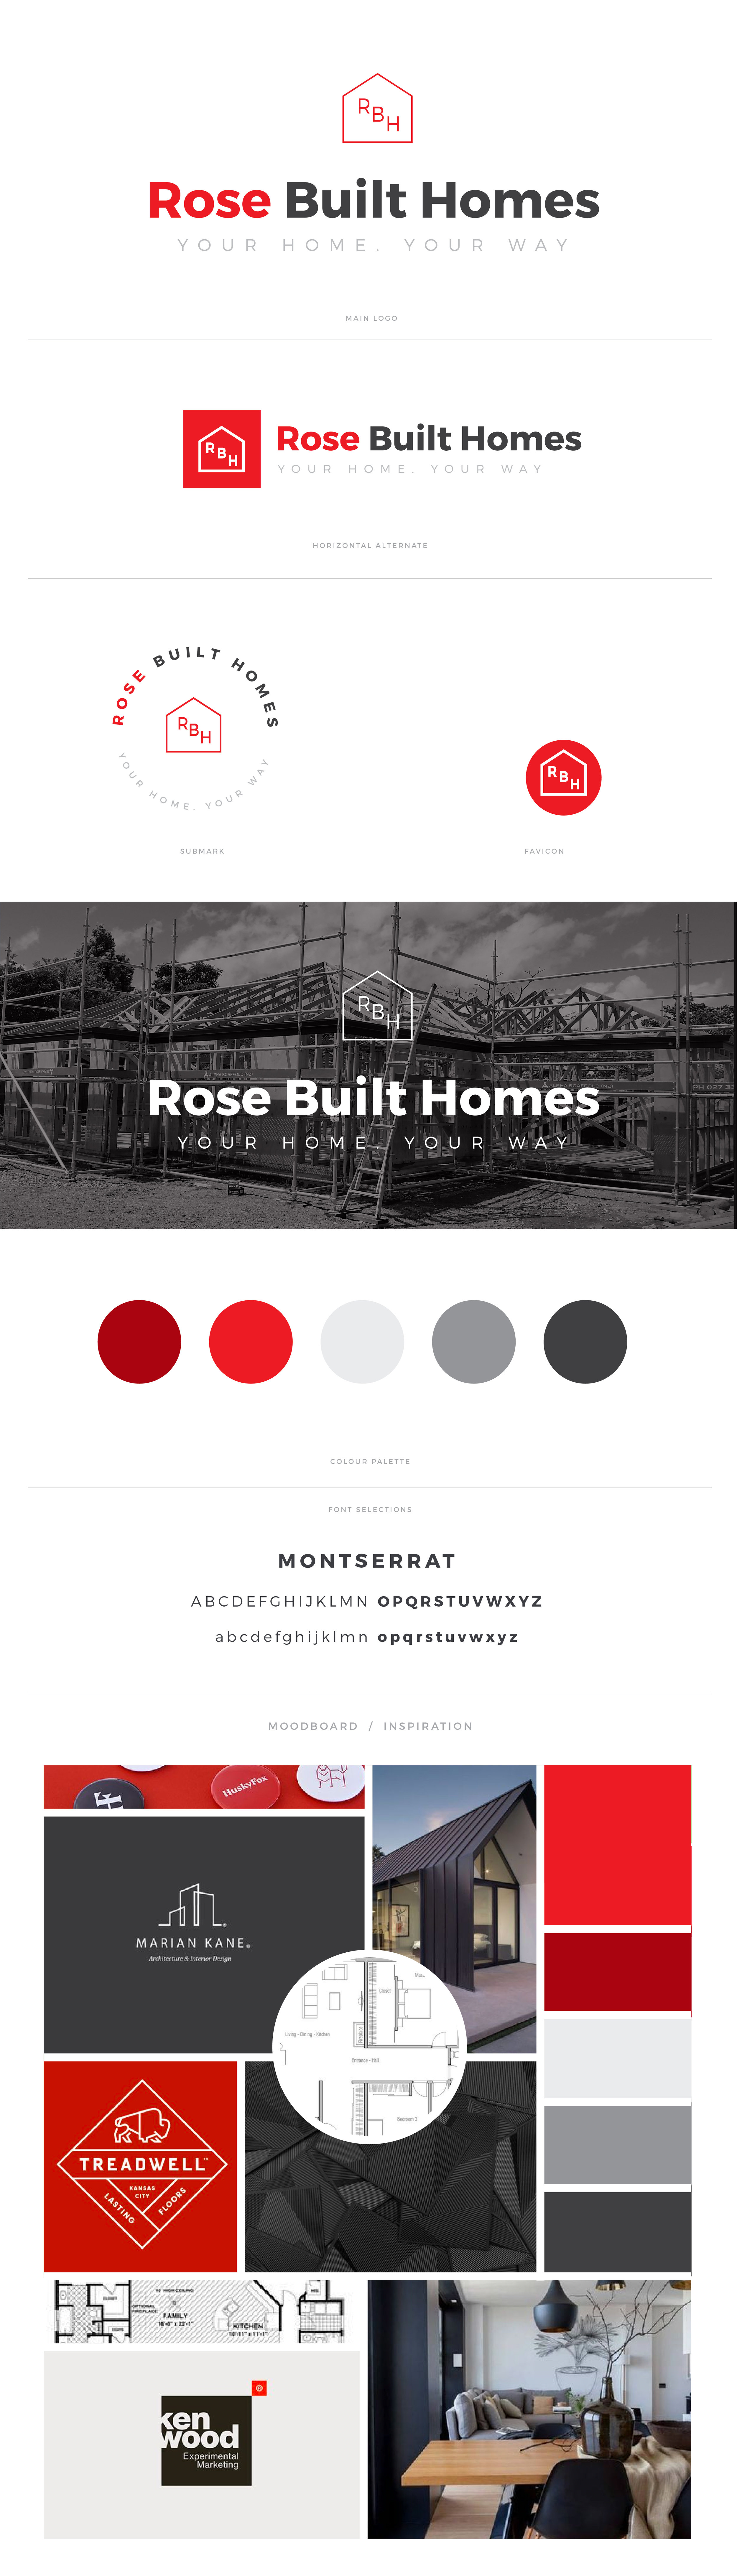 RoseBuilt_brandboard.jpg